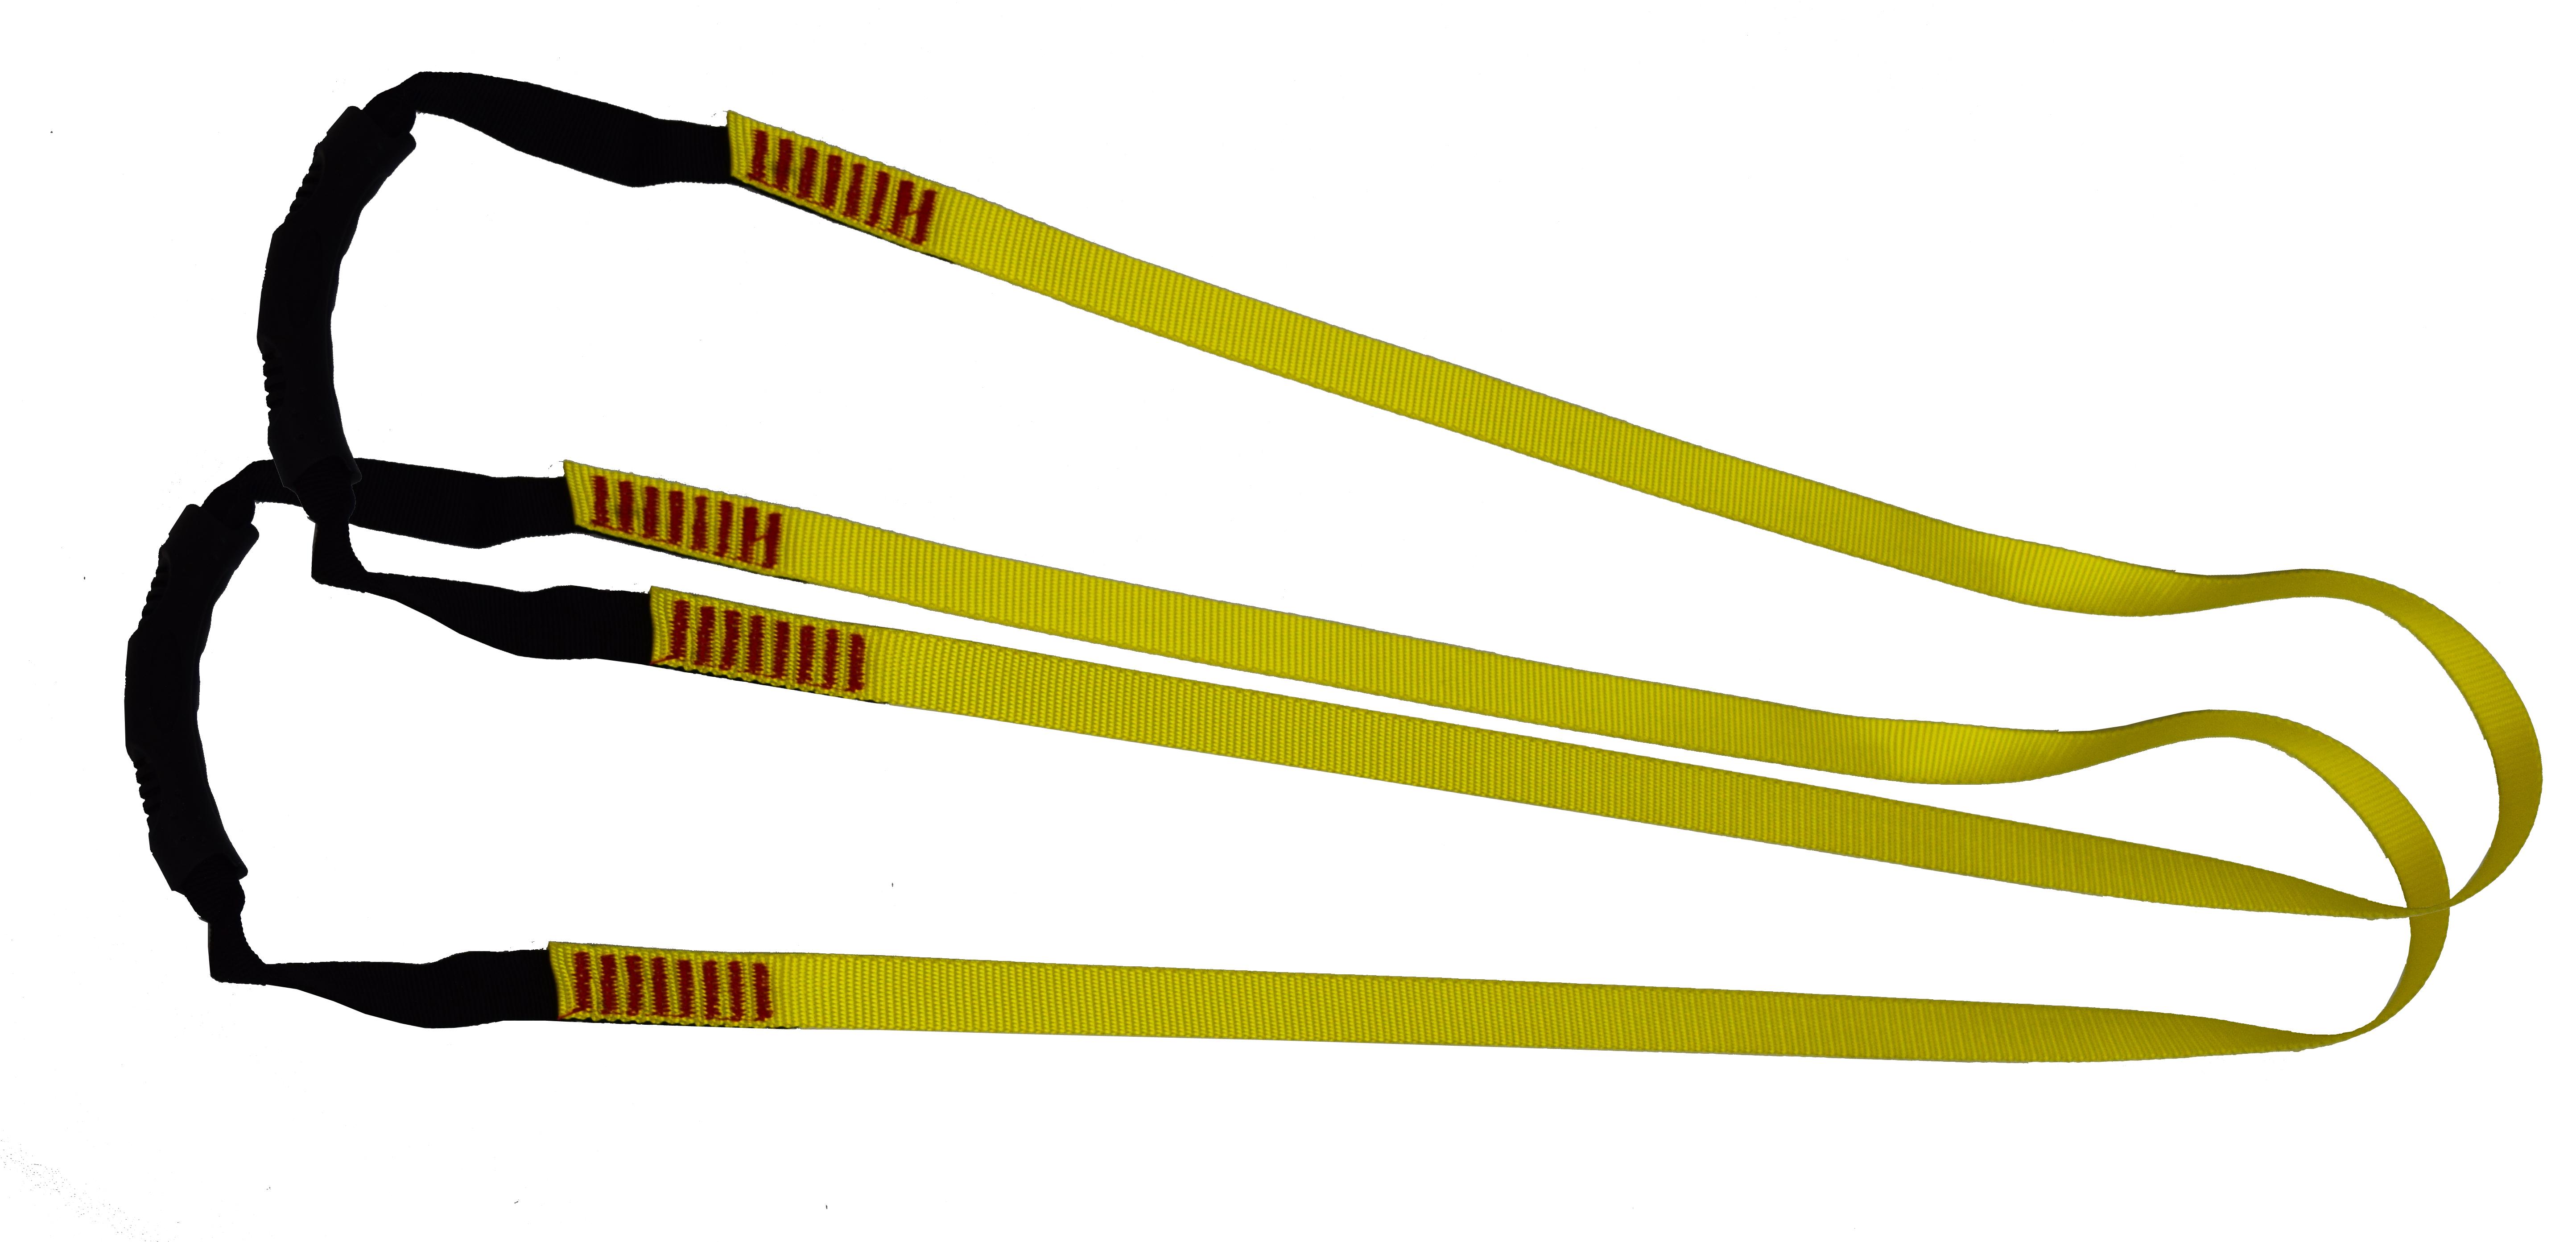 1.5m Saviour Stretcher Moving strap set of 2